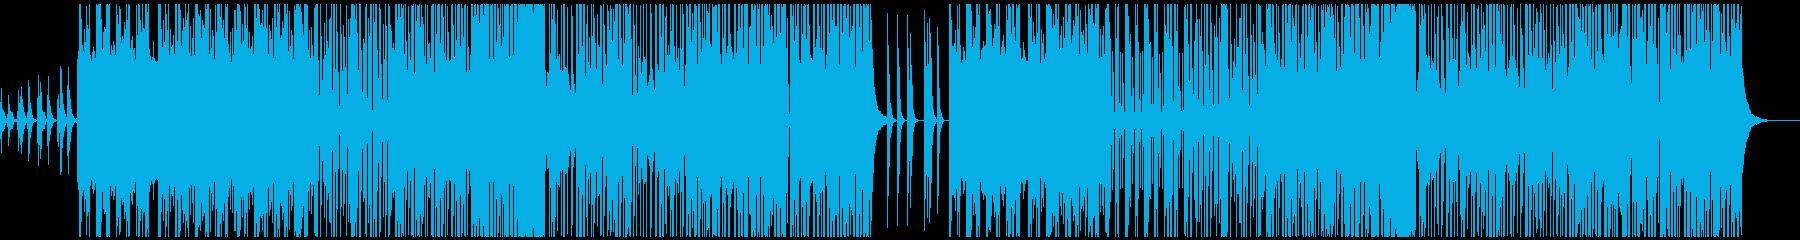 ストリングスでダークなFuturePopの再生済みの波形